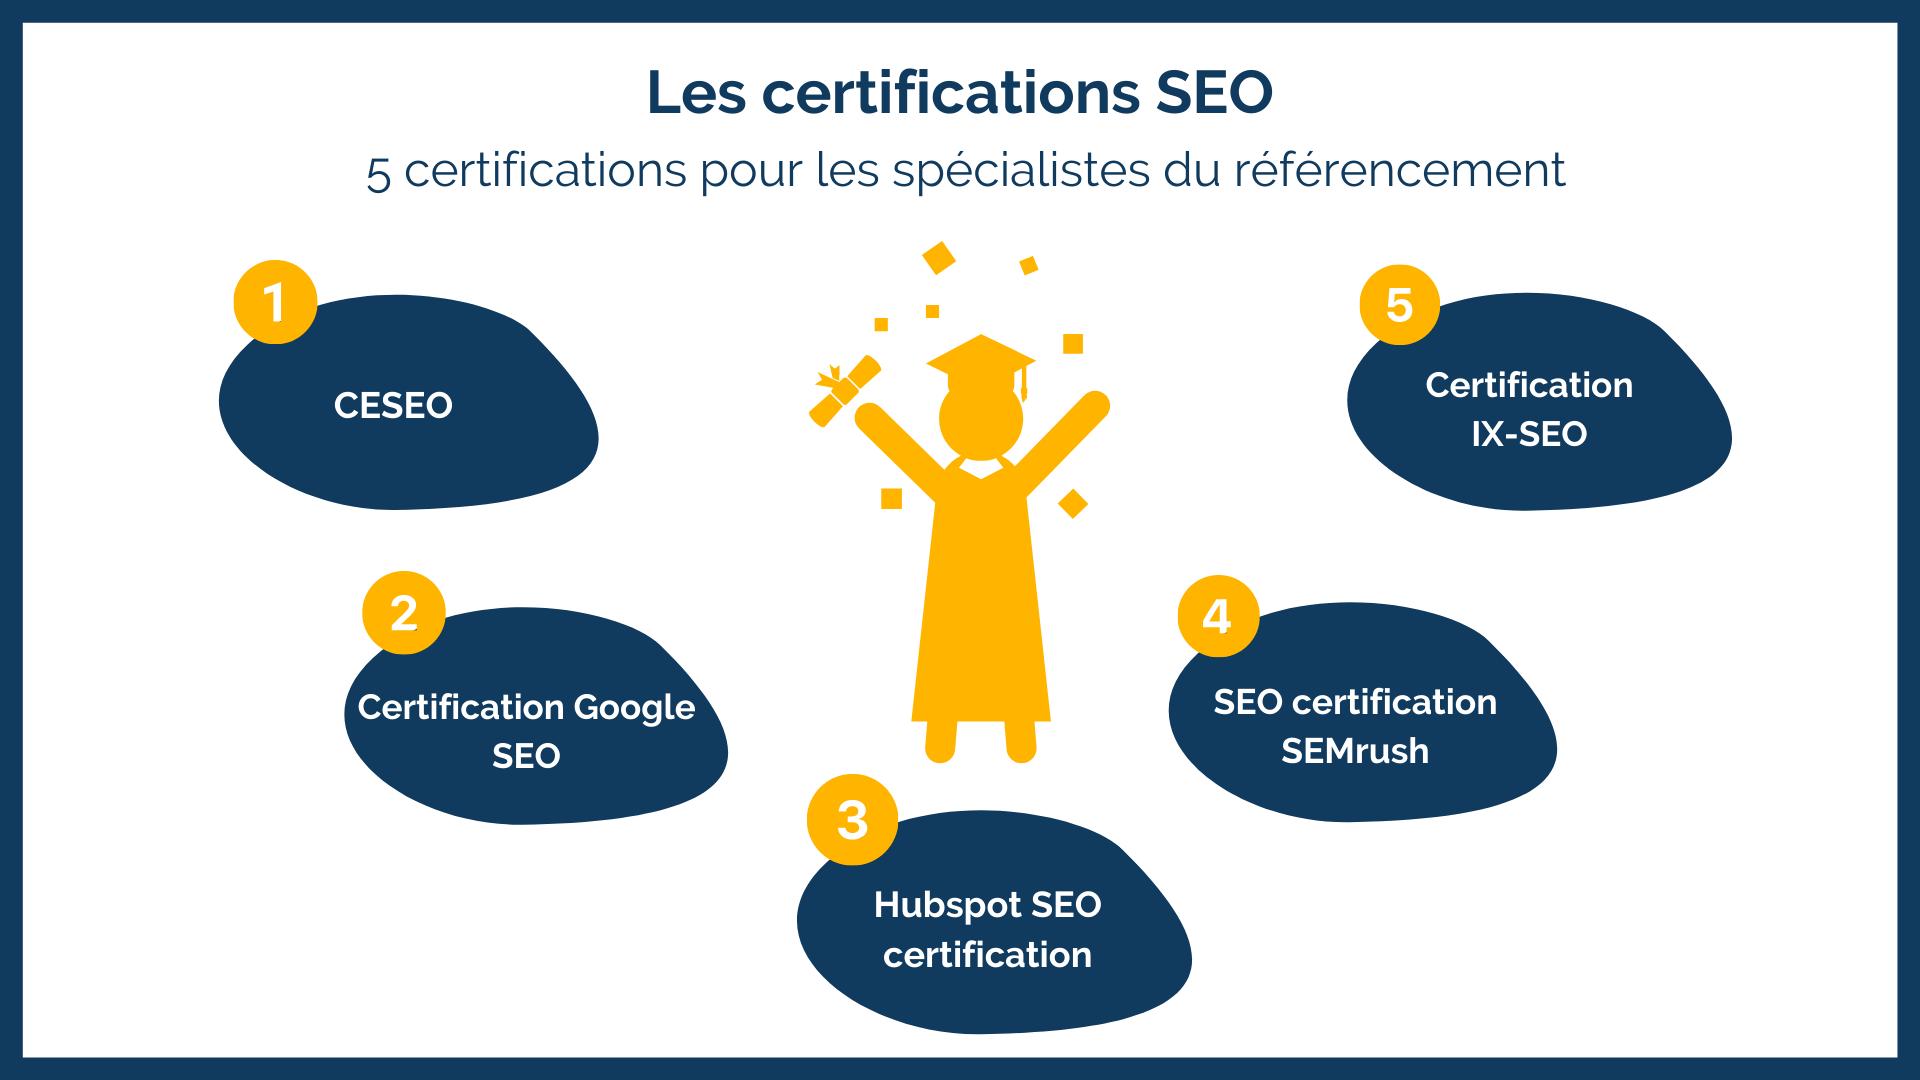 5 certifications SEO pour les spécialistes du référencement naturel